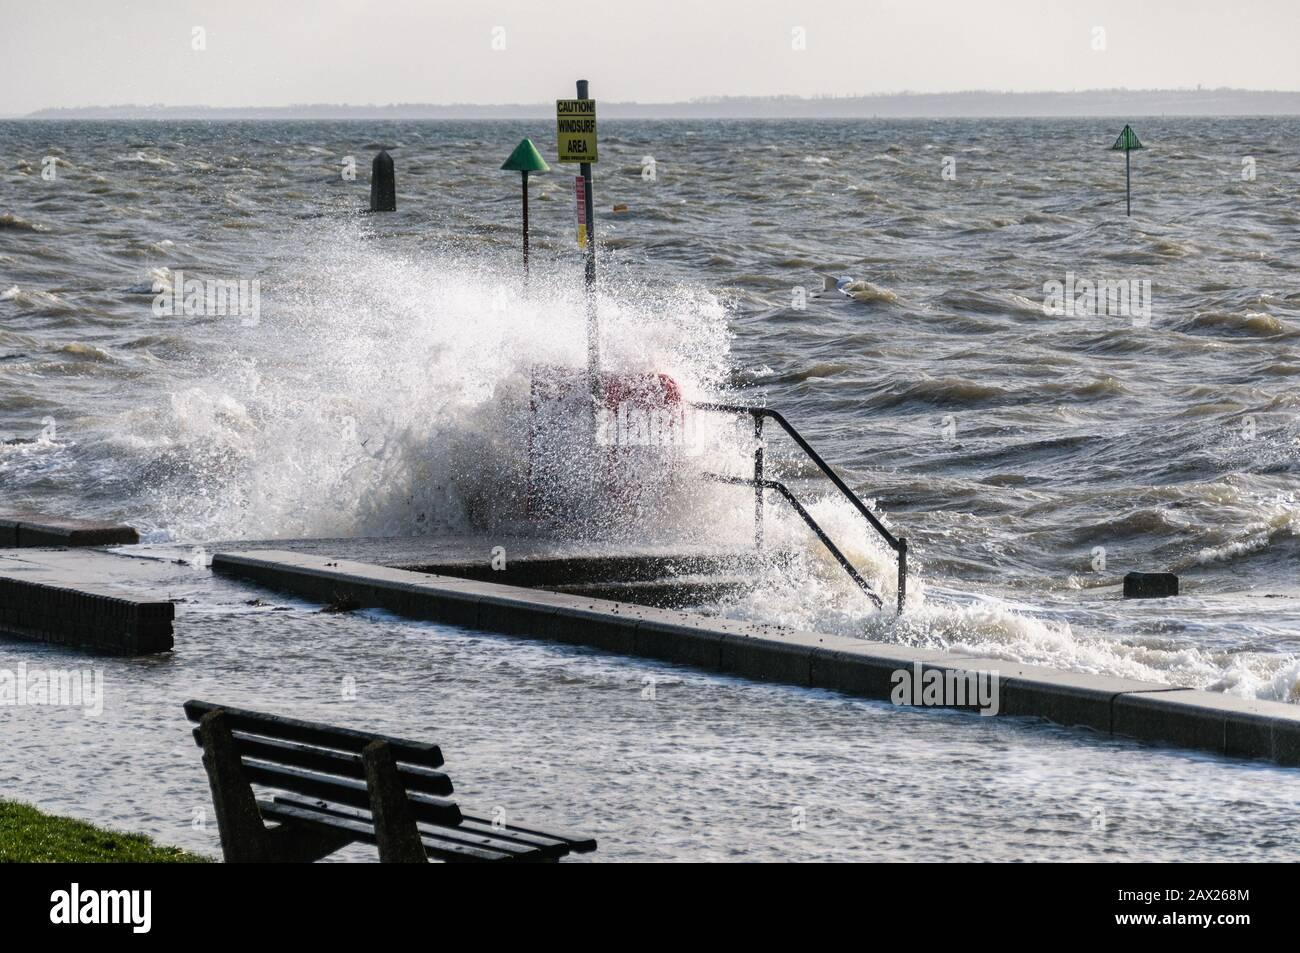 Southend, Essex, Reino Unido - 10 de febrero de 2020: Storm Ciara Trae vientos fuertes y mares rugosos a las costas británicas. Foto de stock